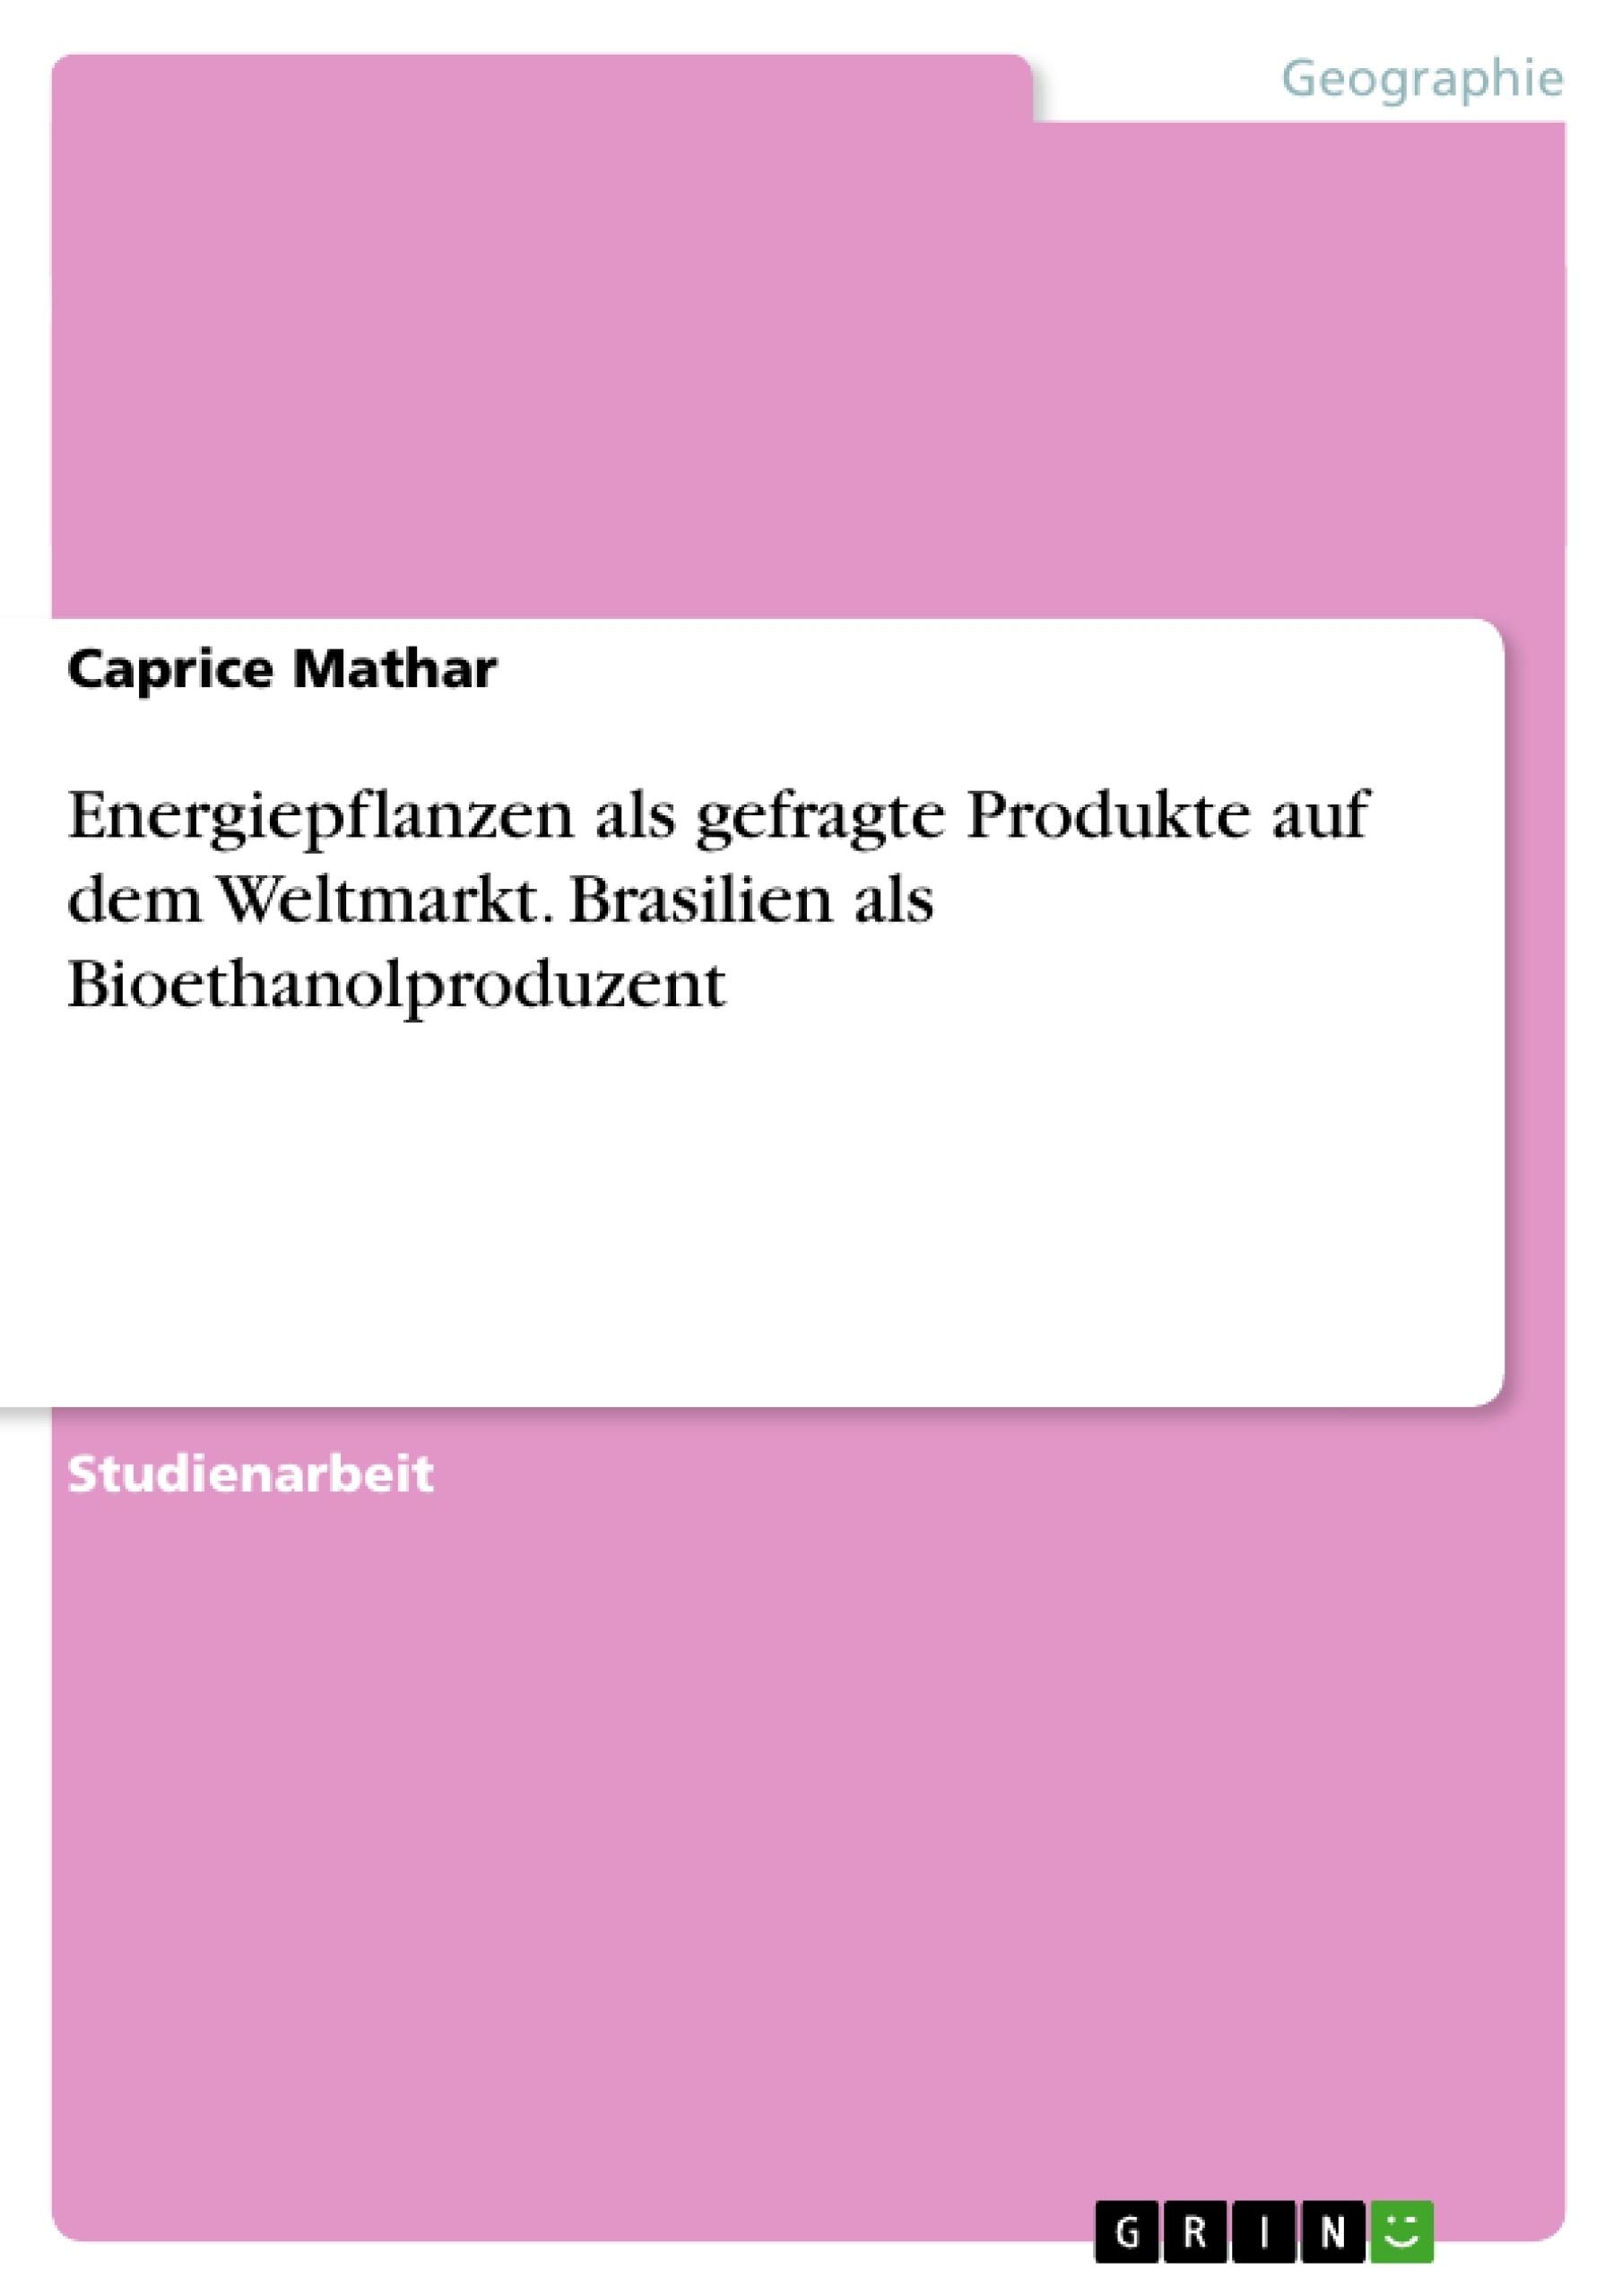 Titel: Energiepflanzen als gefragte Produkte auf dem Weltmarkt. Brasilien als Bioethanolproduzent